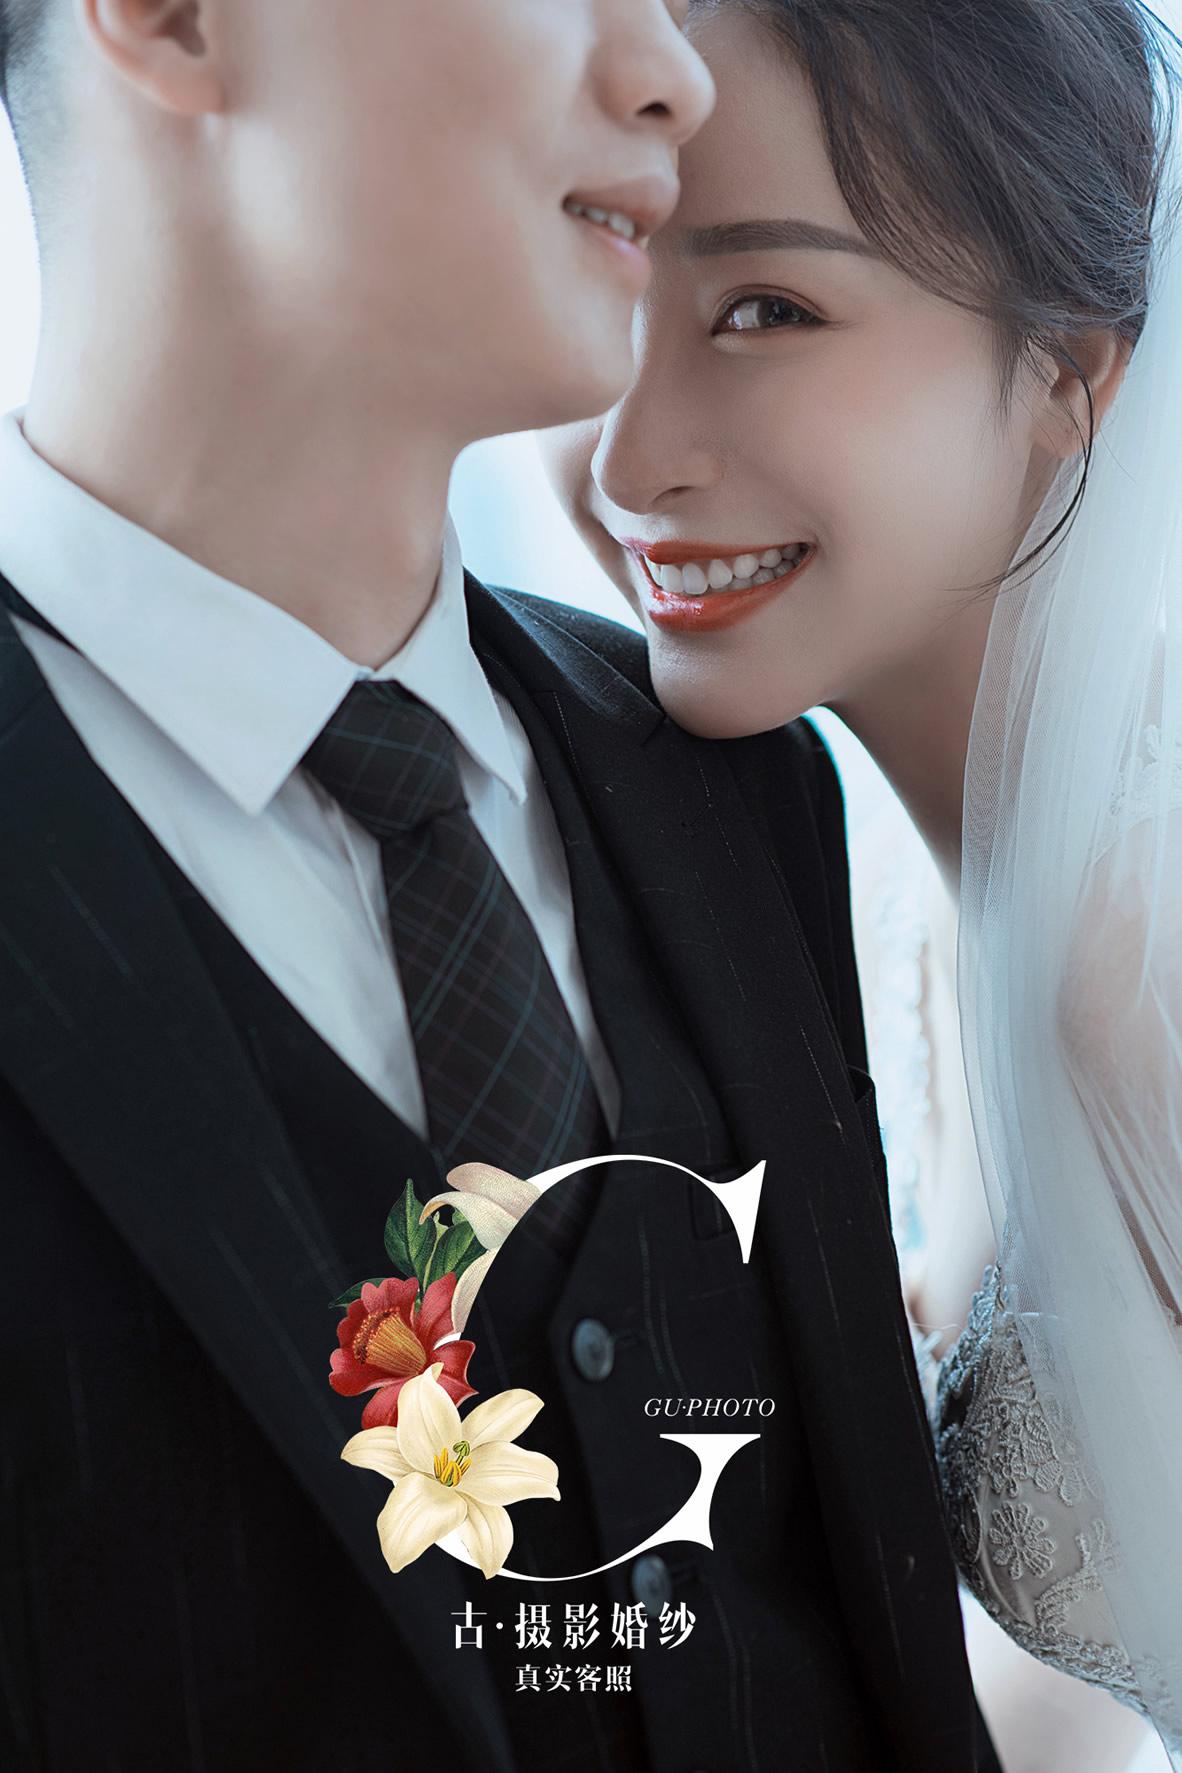 杜先生 陈小姐 - 每日客照 - 广州婚纱摄影-广州古摄影官网